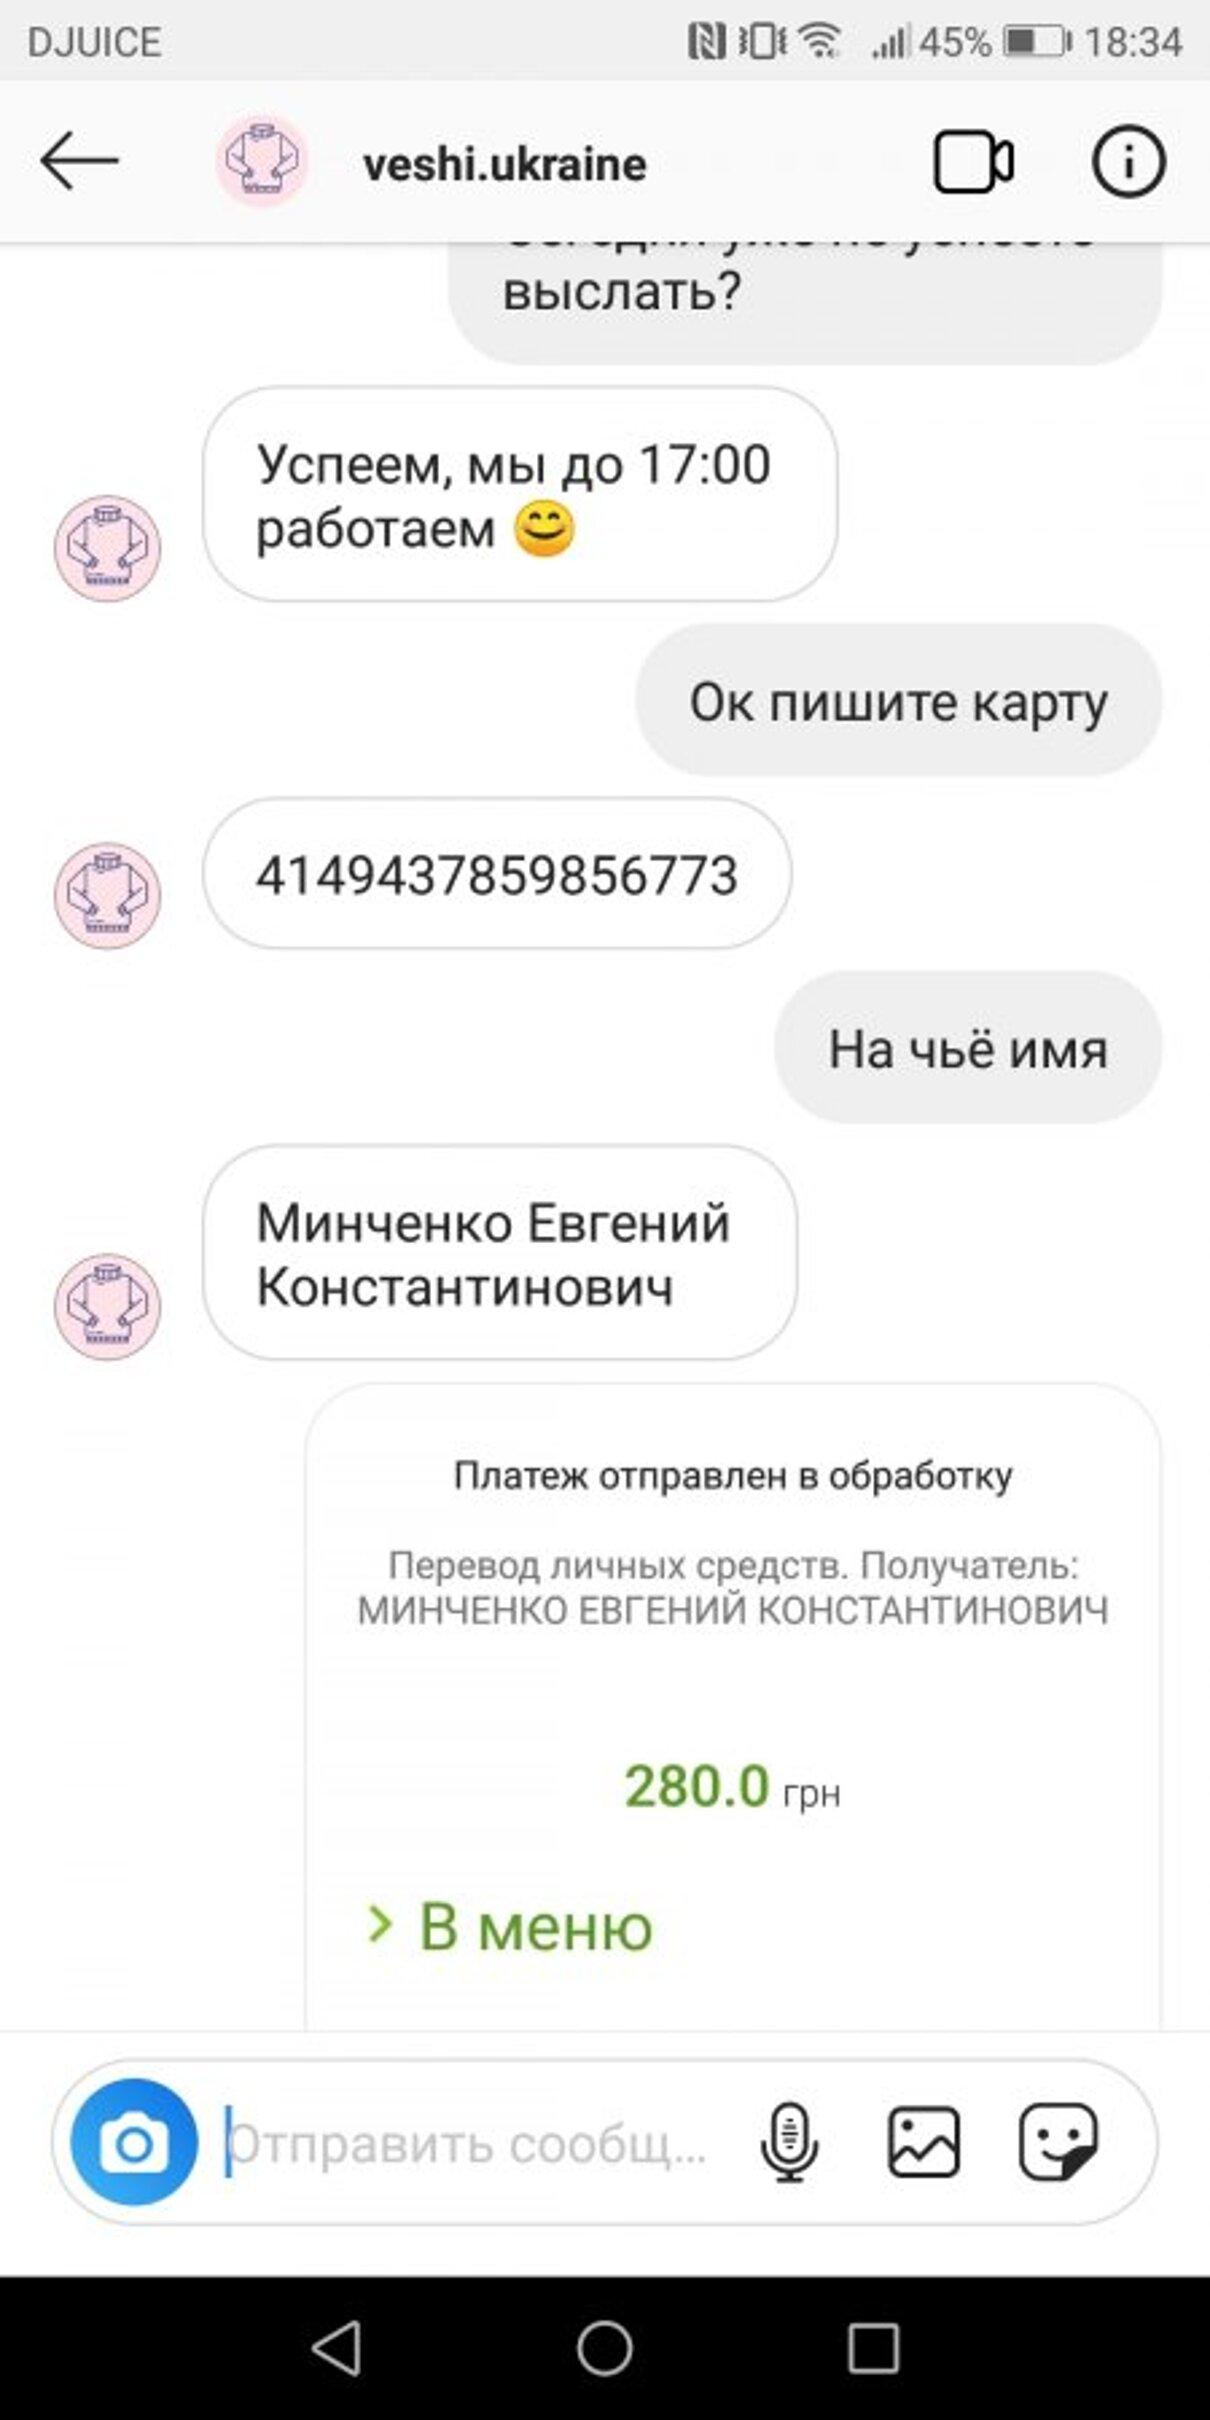 Жалоба-отзыв: Минченко Евгений - Мошенник.  Фото №1